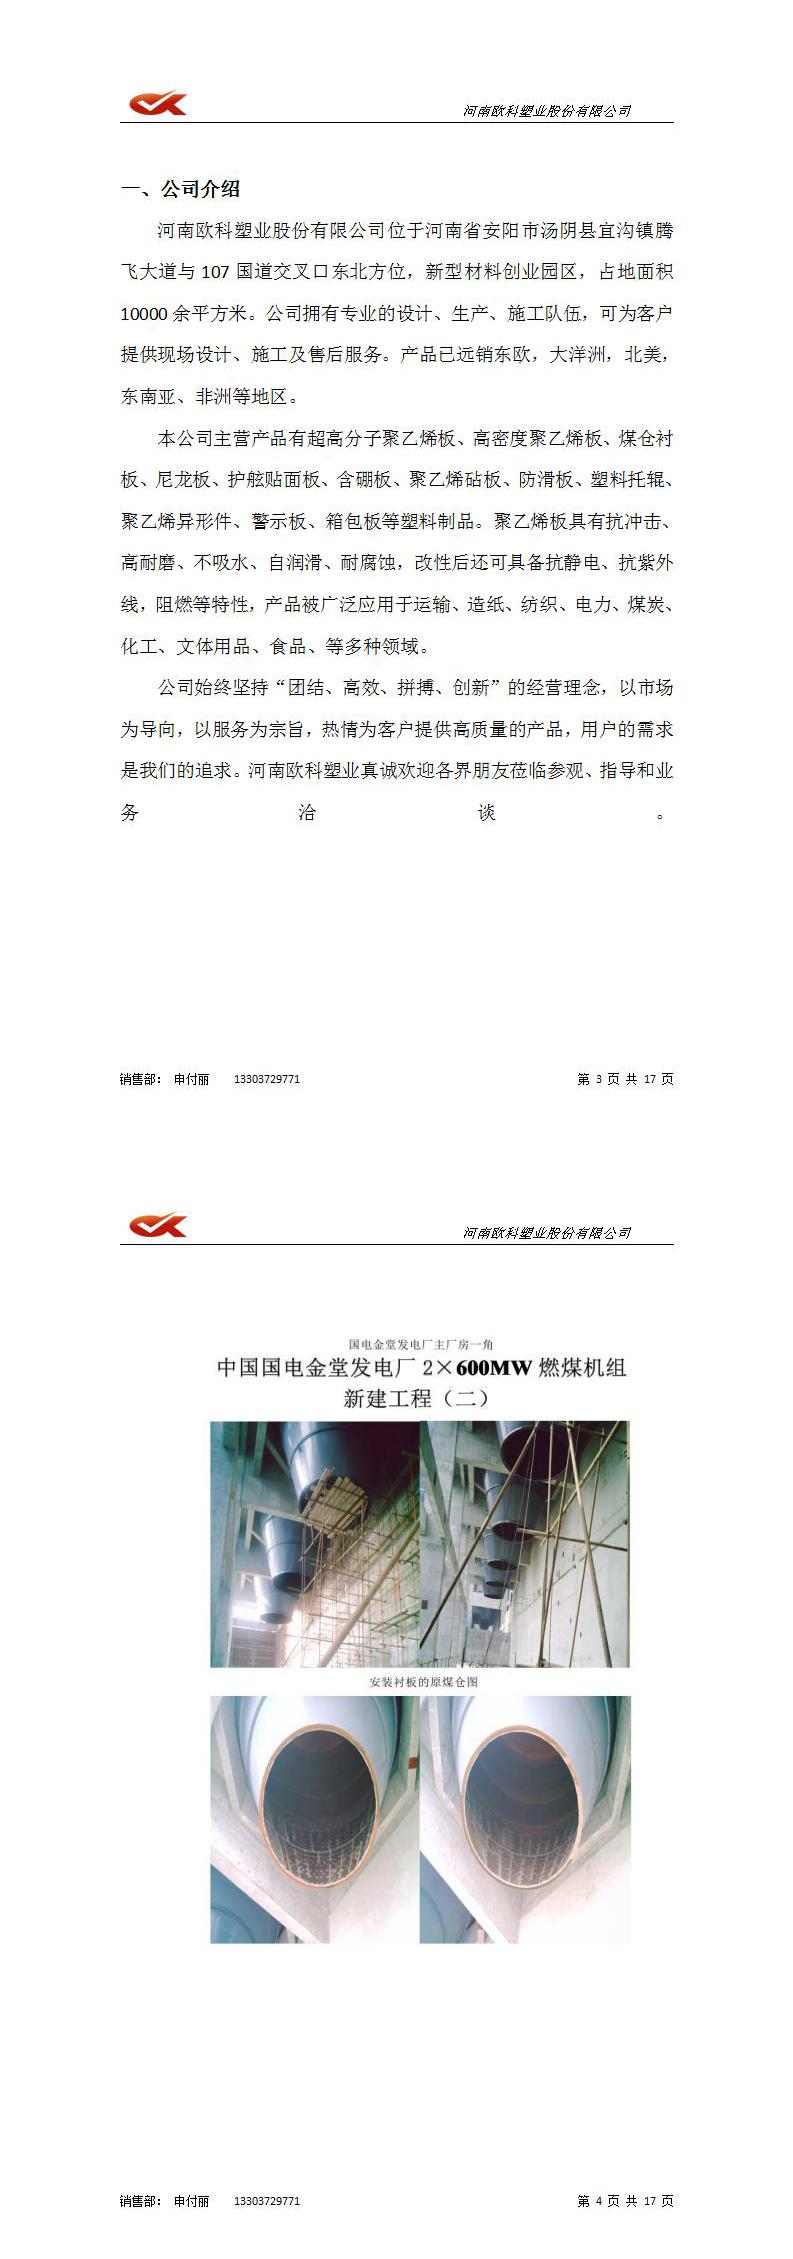 内衬板-申付丽0126_0_02